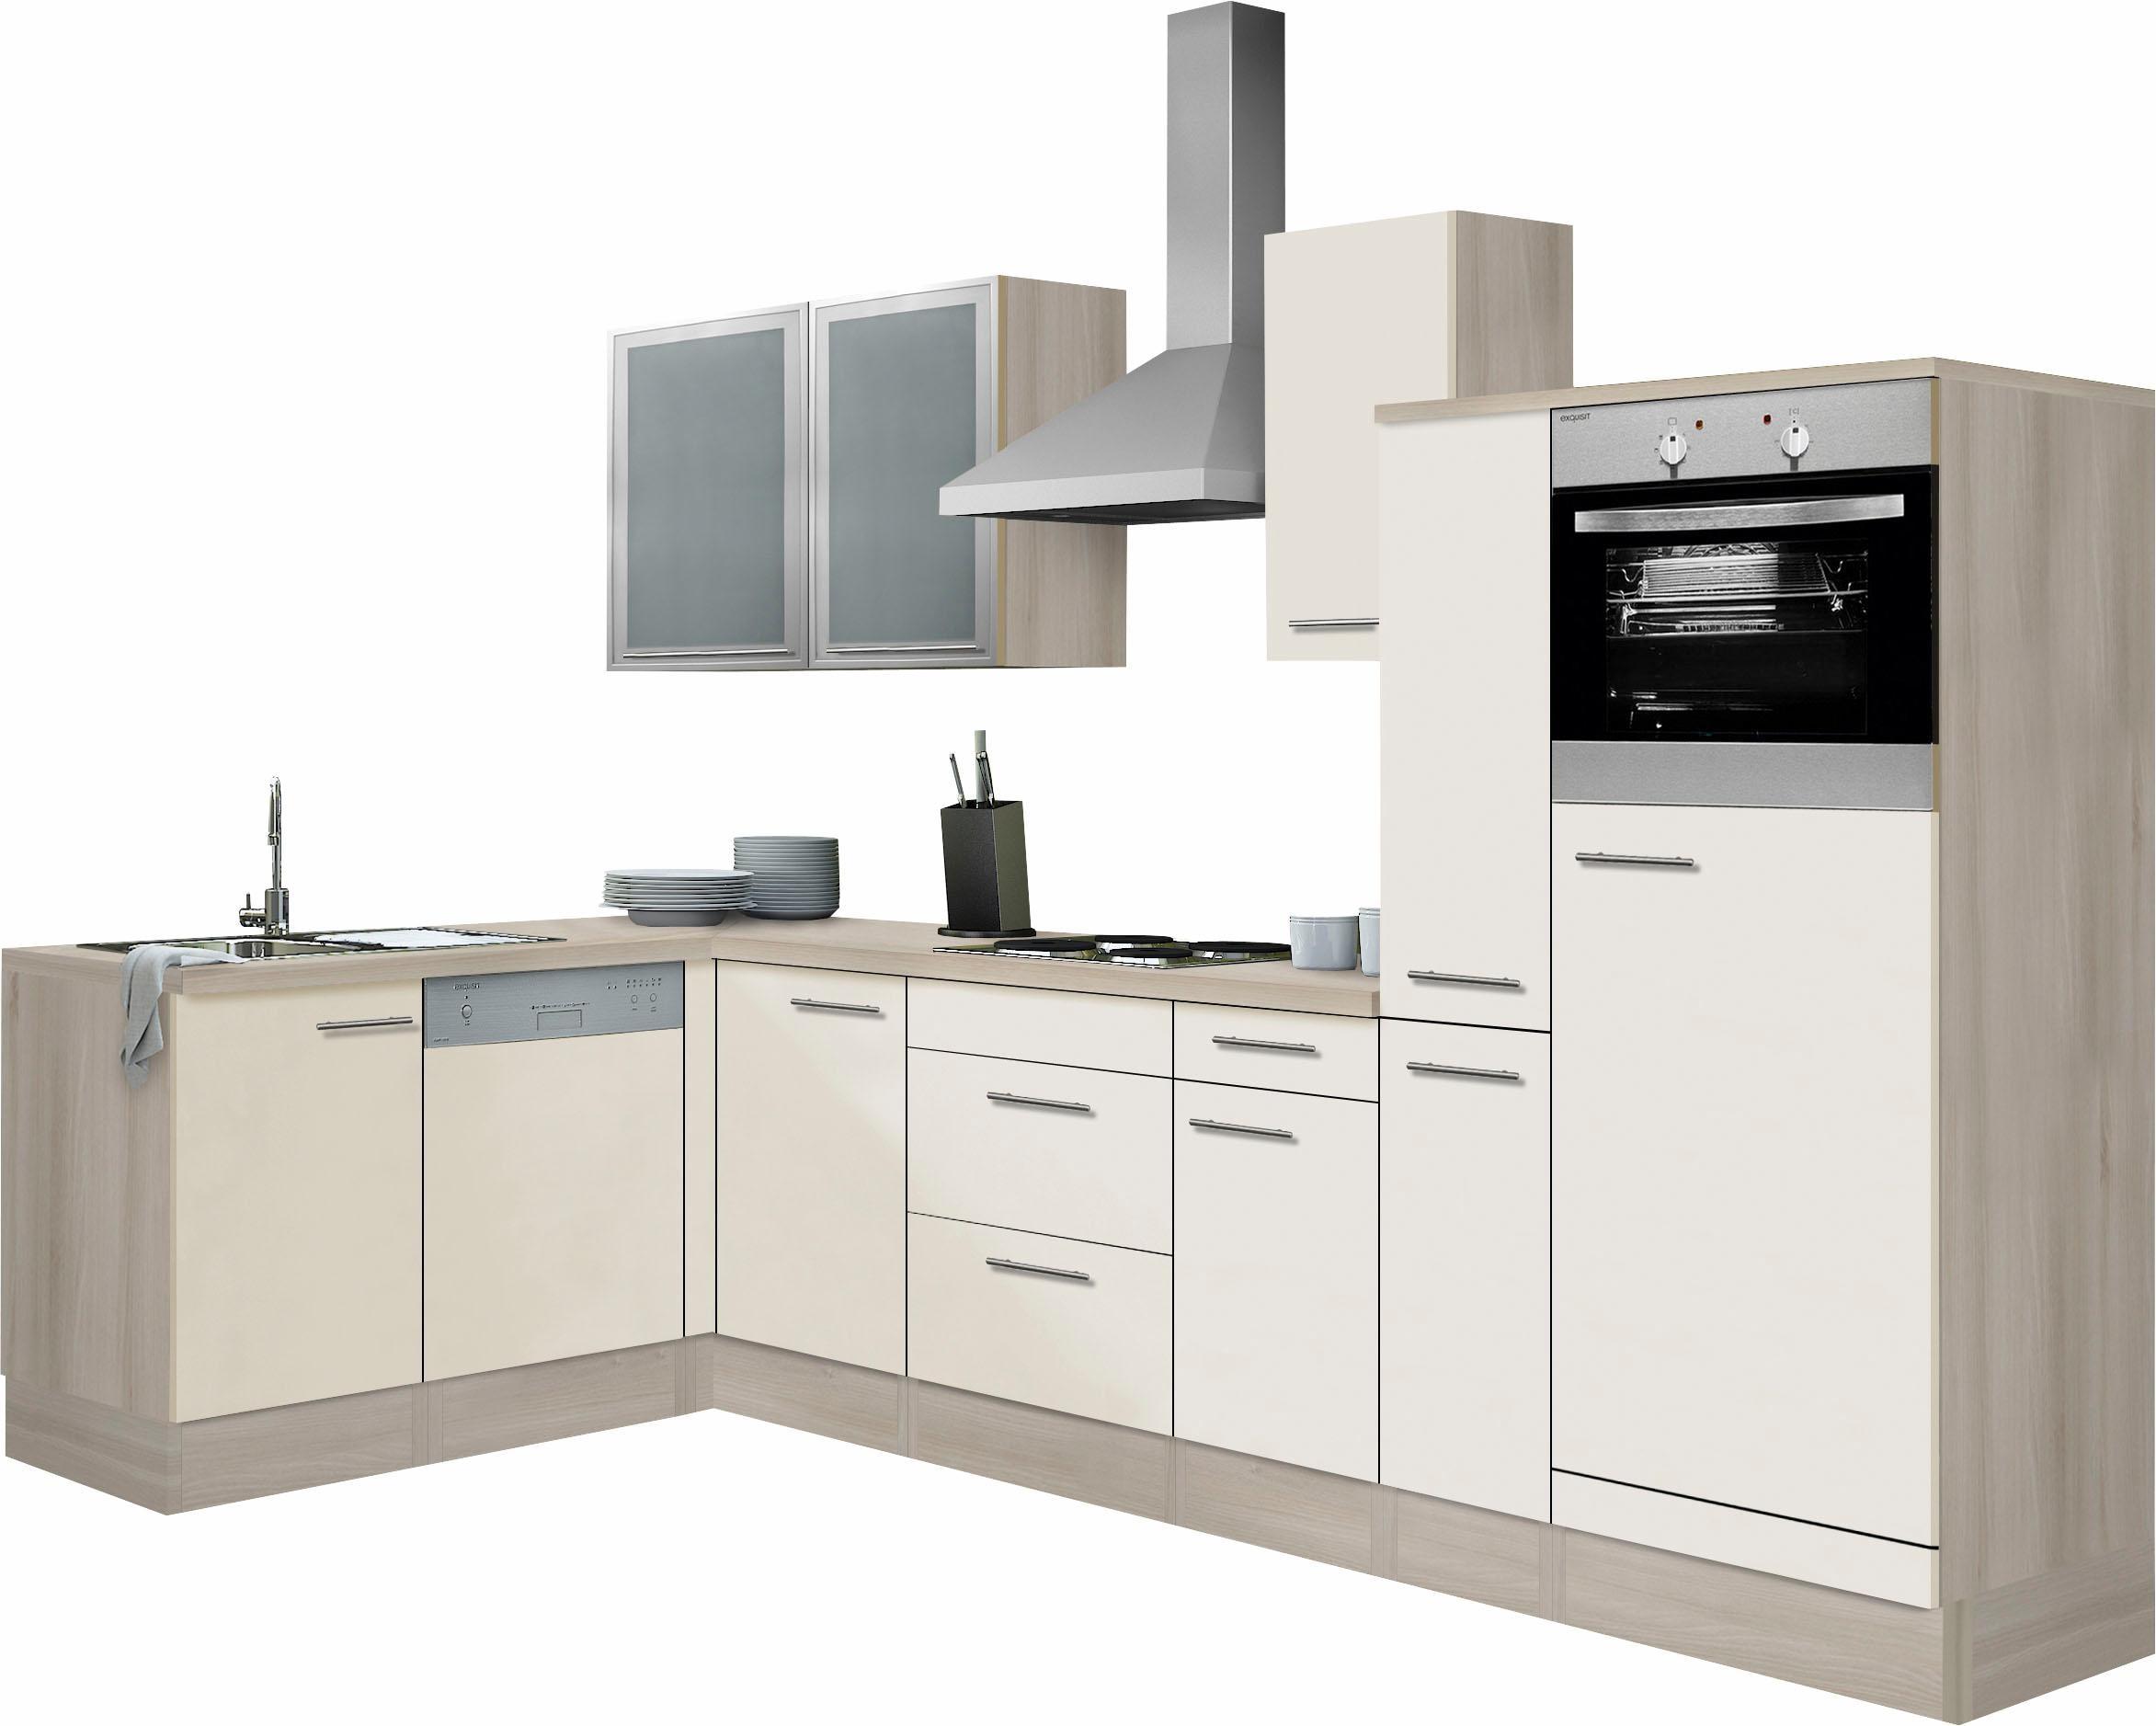 OPTIFIT Winkelküche »Kalmar« | Küche und Esszimmer > Küchen > Winkelküchen | OPTIFIT